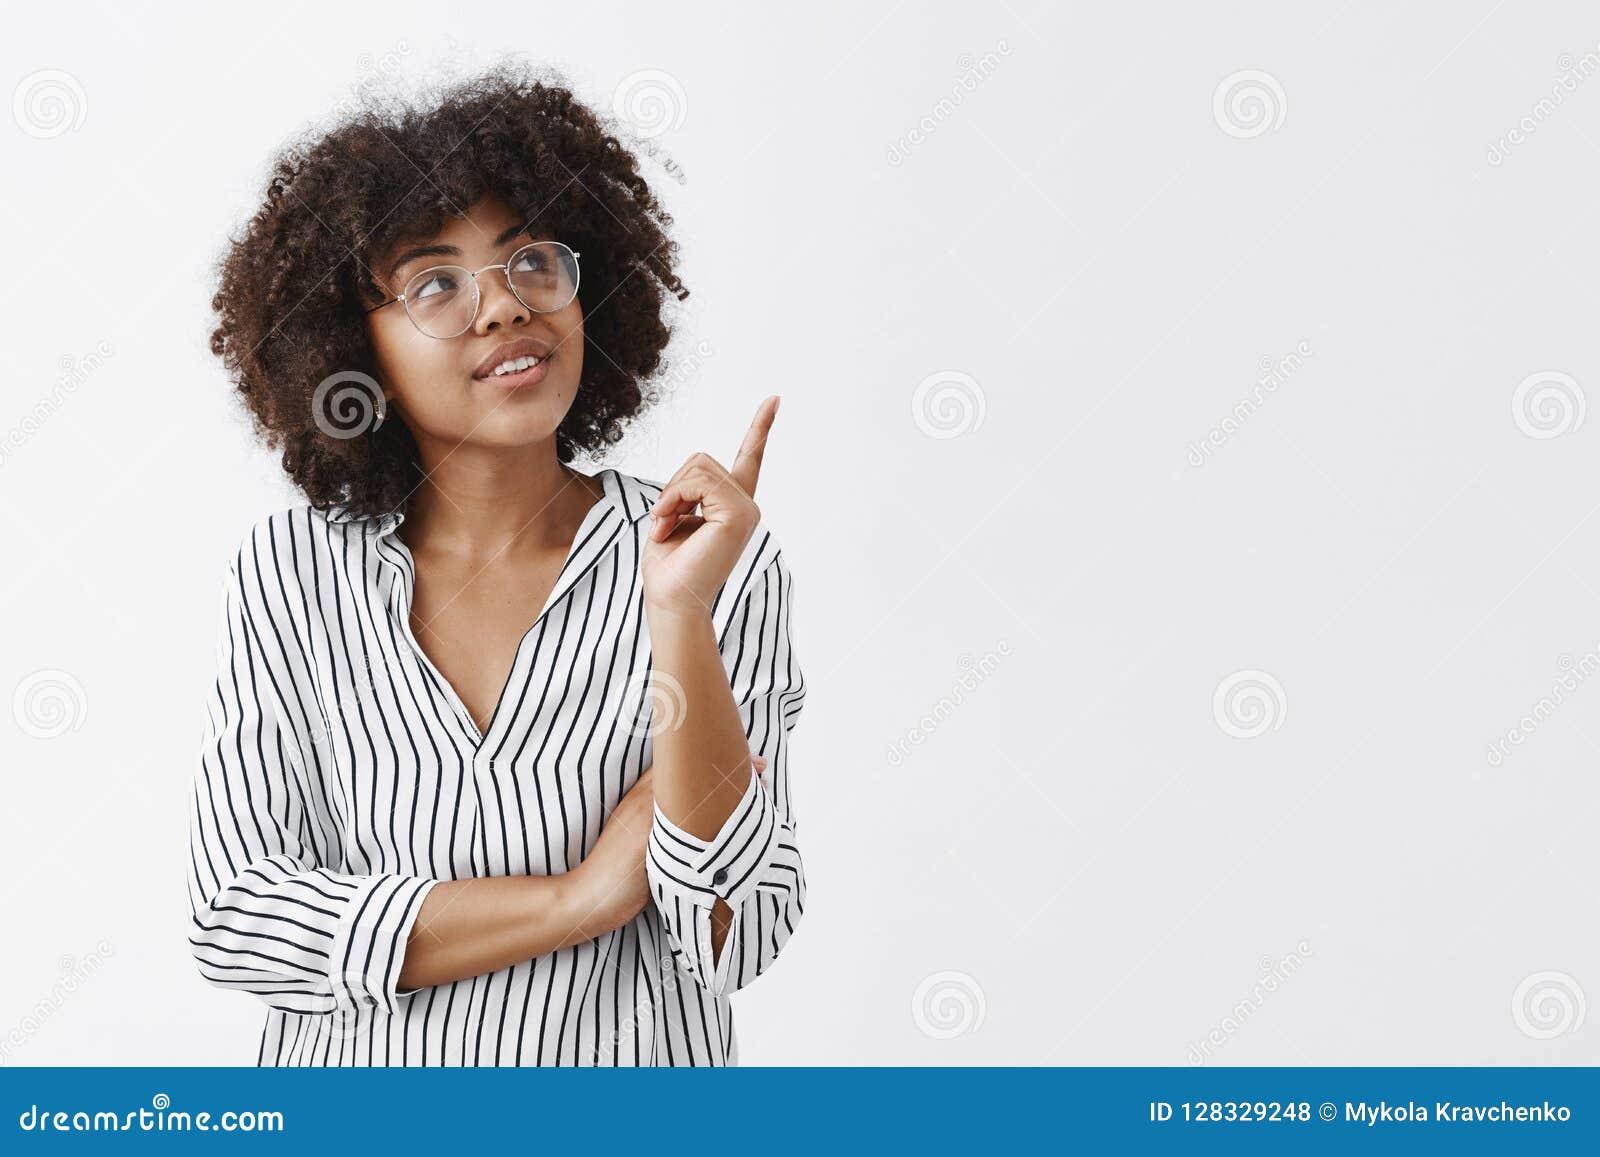 Ella consiguió grandes ideas útiles para su equipo Retrato de la hembra elegante y elegante intrigante en blusa y vidrios rayados